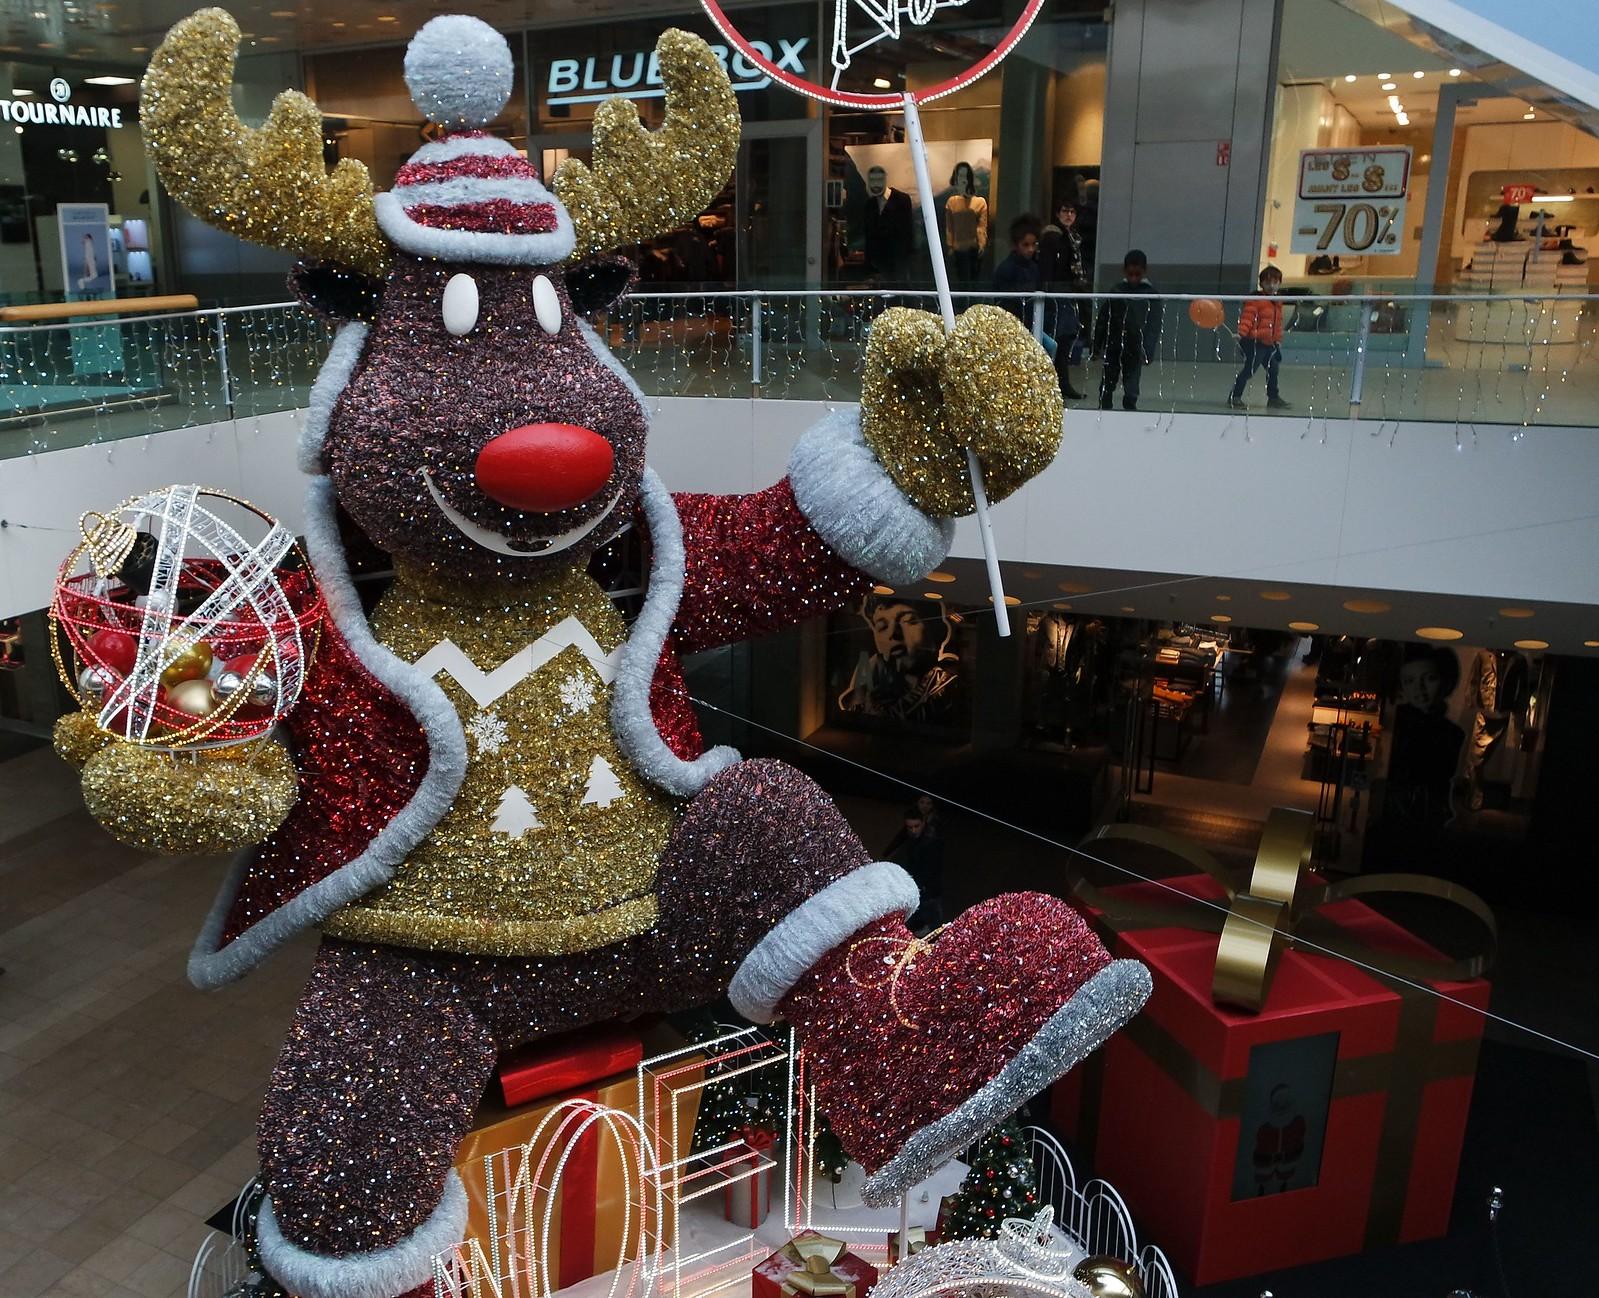 #6C392A Les Décorations De Noel . 5785 les decorations de noel 1600x1298 px @ aertt.com